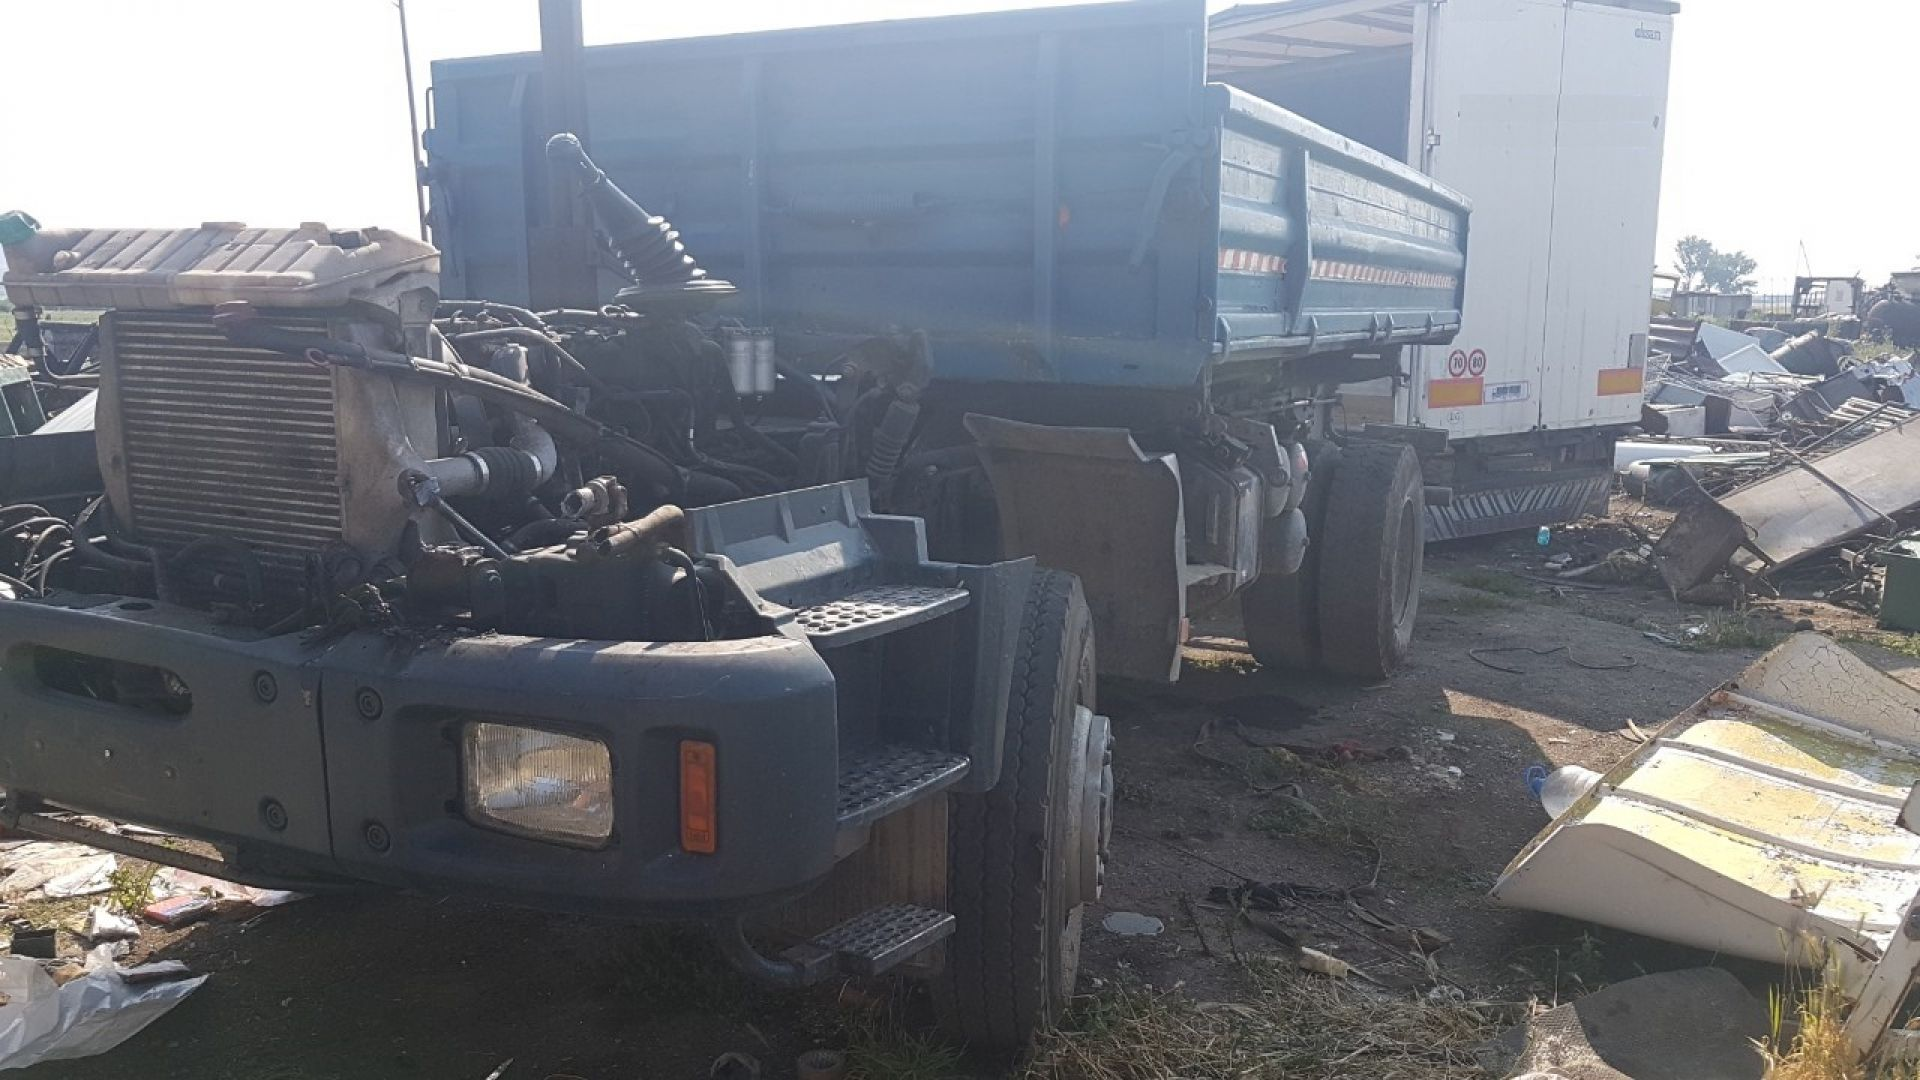 Хванаха 6-ма крадци, докато разглобяват краден камион (снимки)